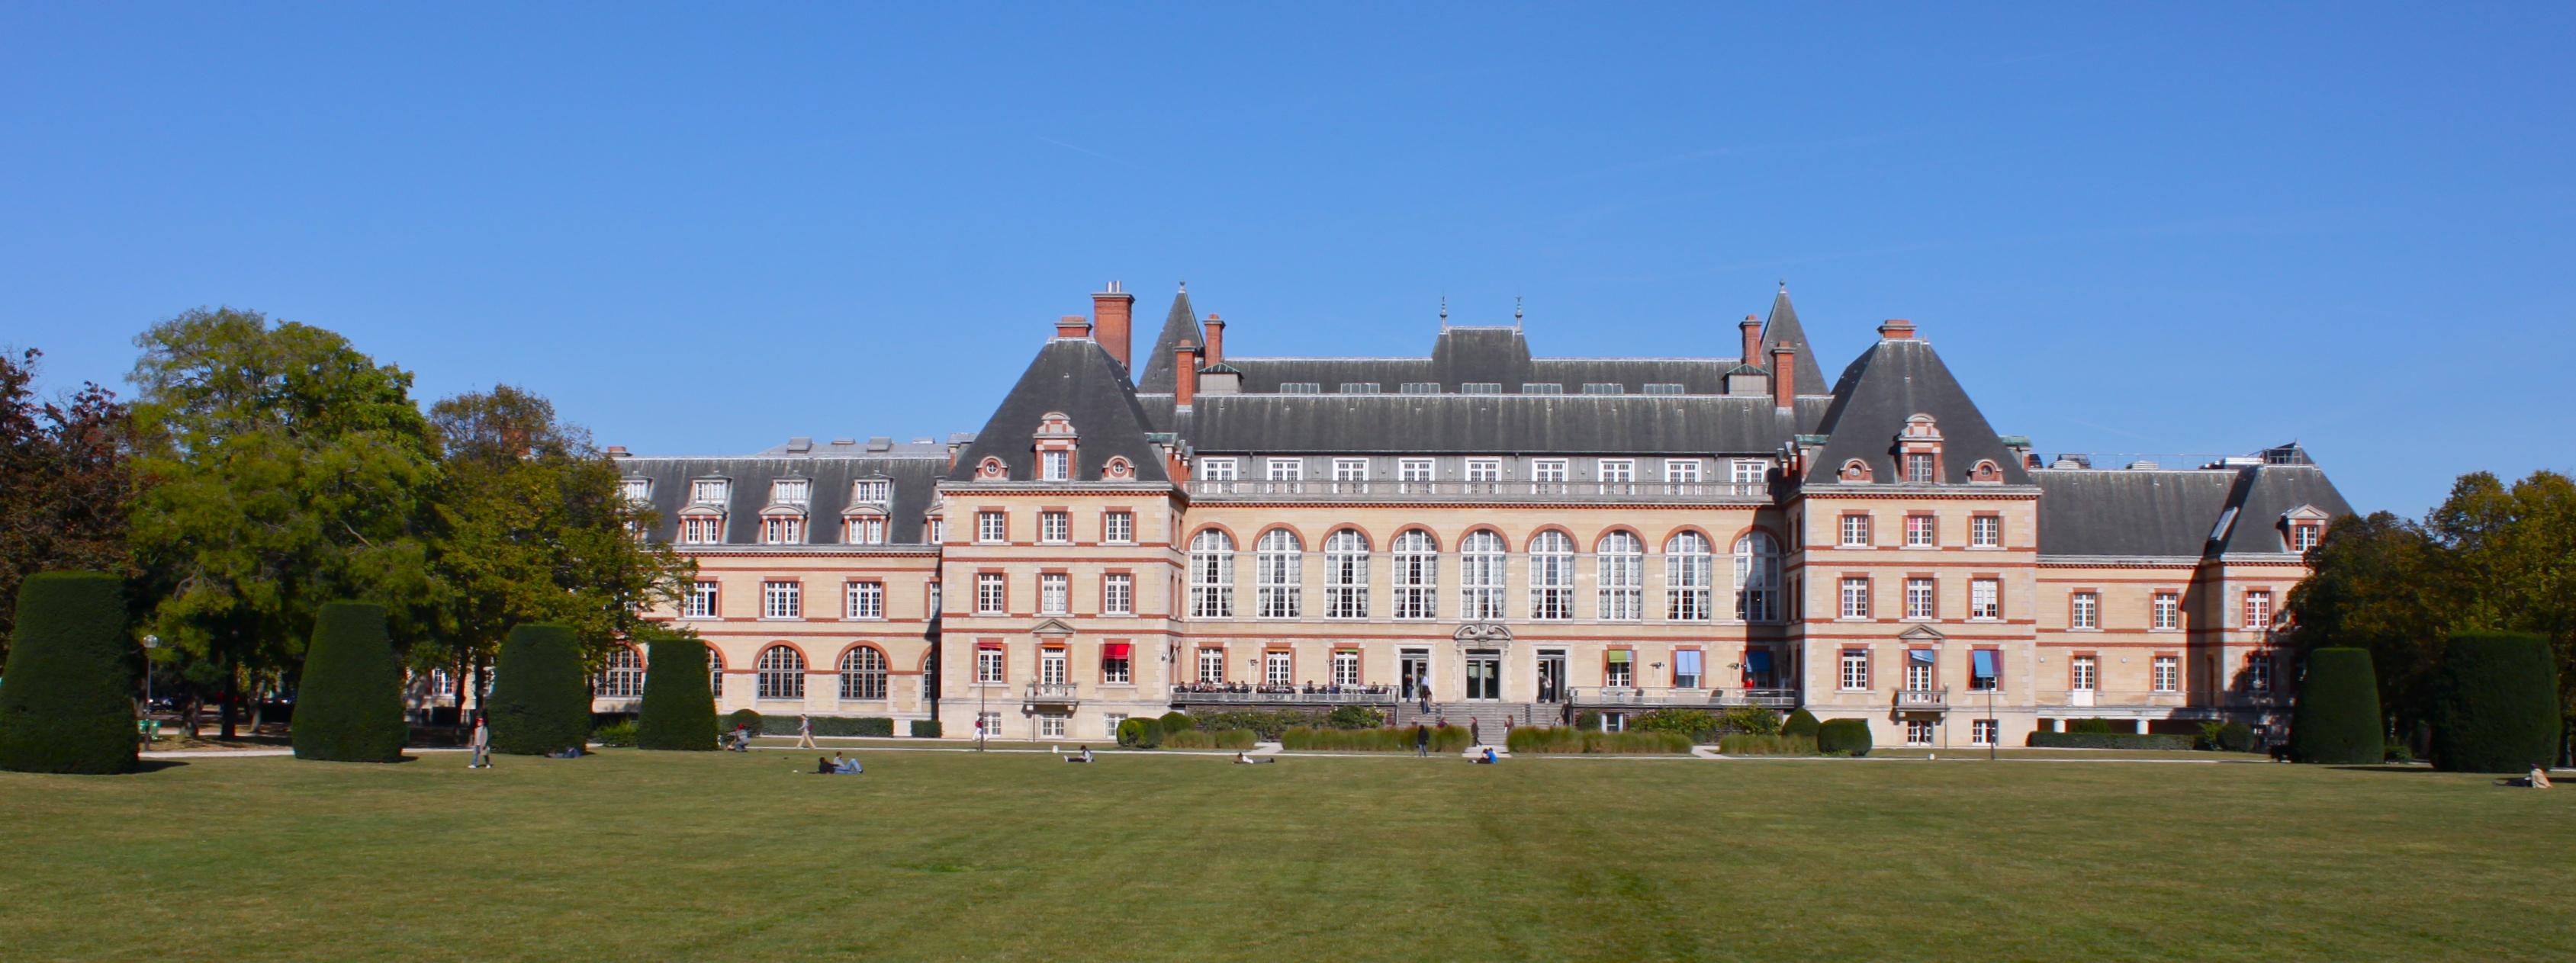 La maison du br sil la cit internationale universitaire de paris so many paris - Cultiver des champignons de paris a la maison ...